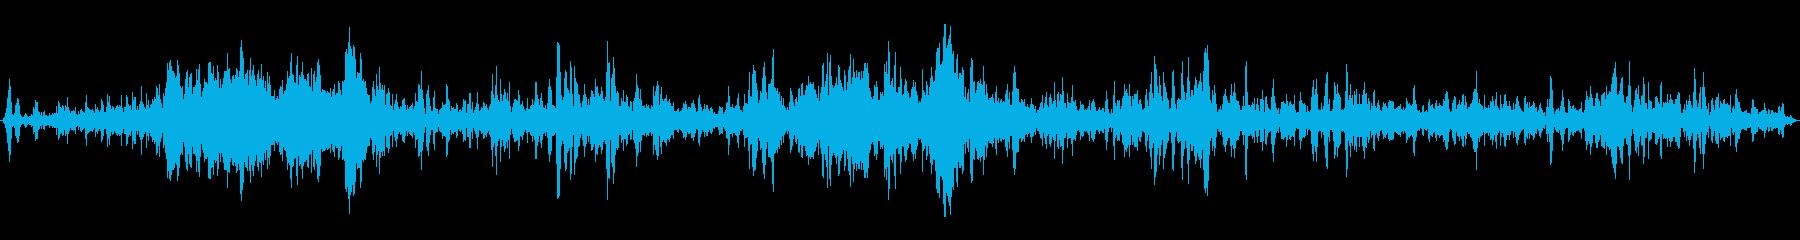 厚いグロッピースライムの激しいうが...の再生済みの波形